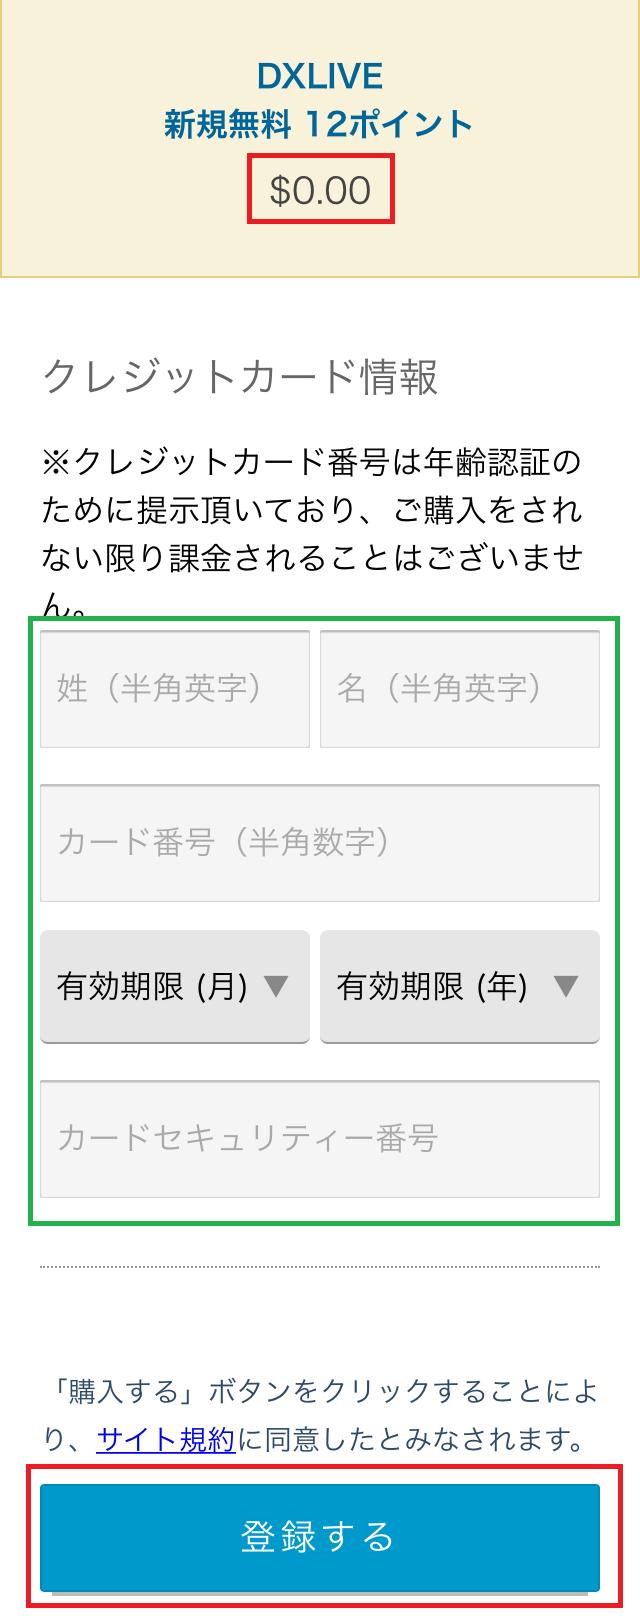 DXLIVE登録方法(スマホ)③